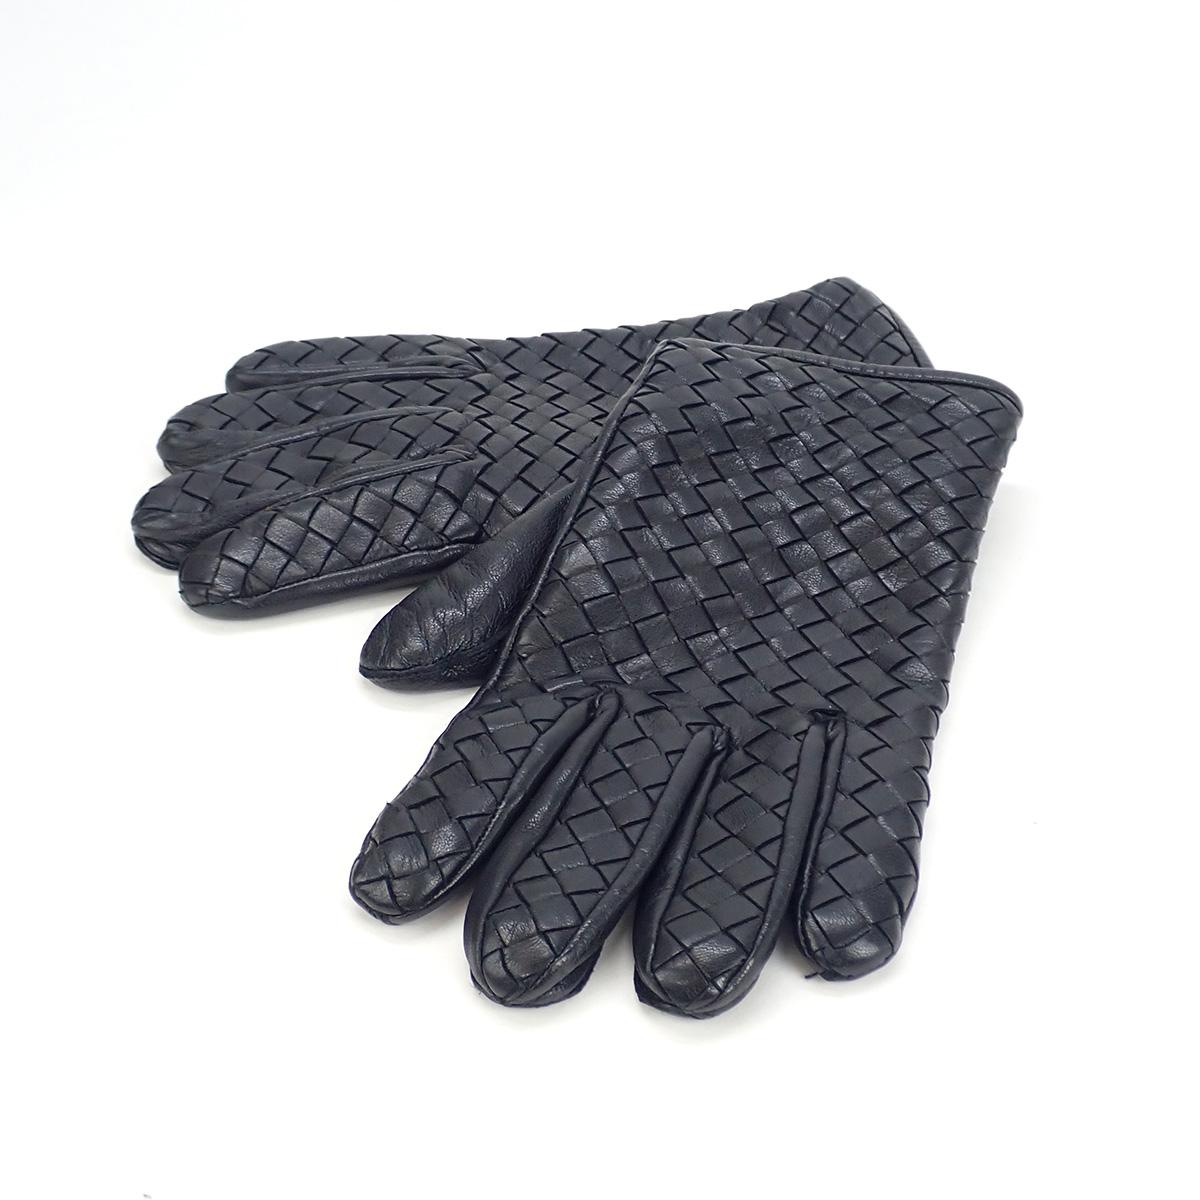 商品ランクB:小・中傷、使用感のある商品です。 【中古】【辛口評価】【Bランク】BOTTEGA VENETA ボッテガヴェネタ ソフトナッパ レザーグローブ 手袋 356651 V5100 イントレチャート ブラック